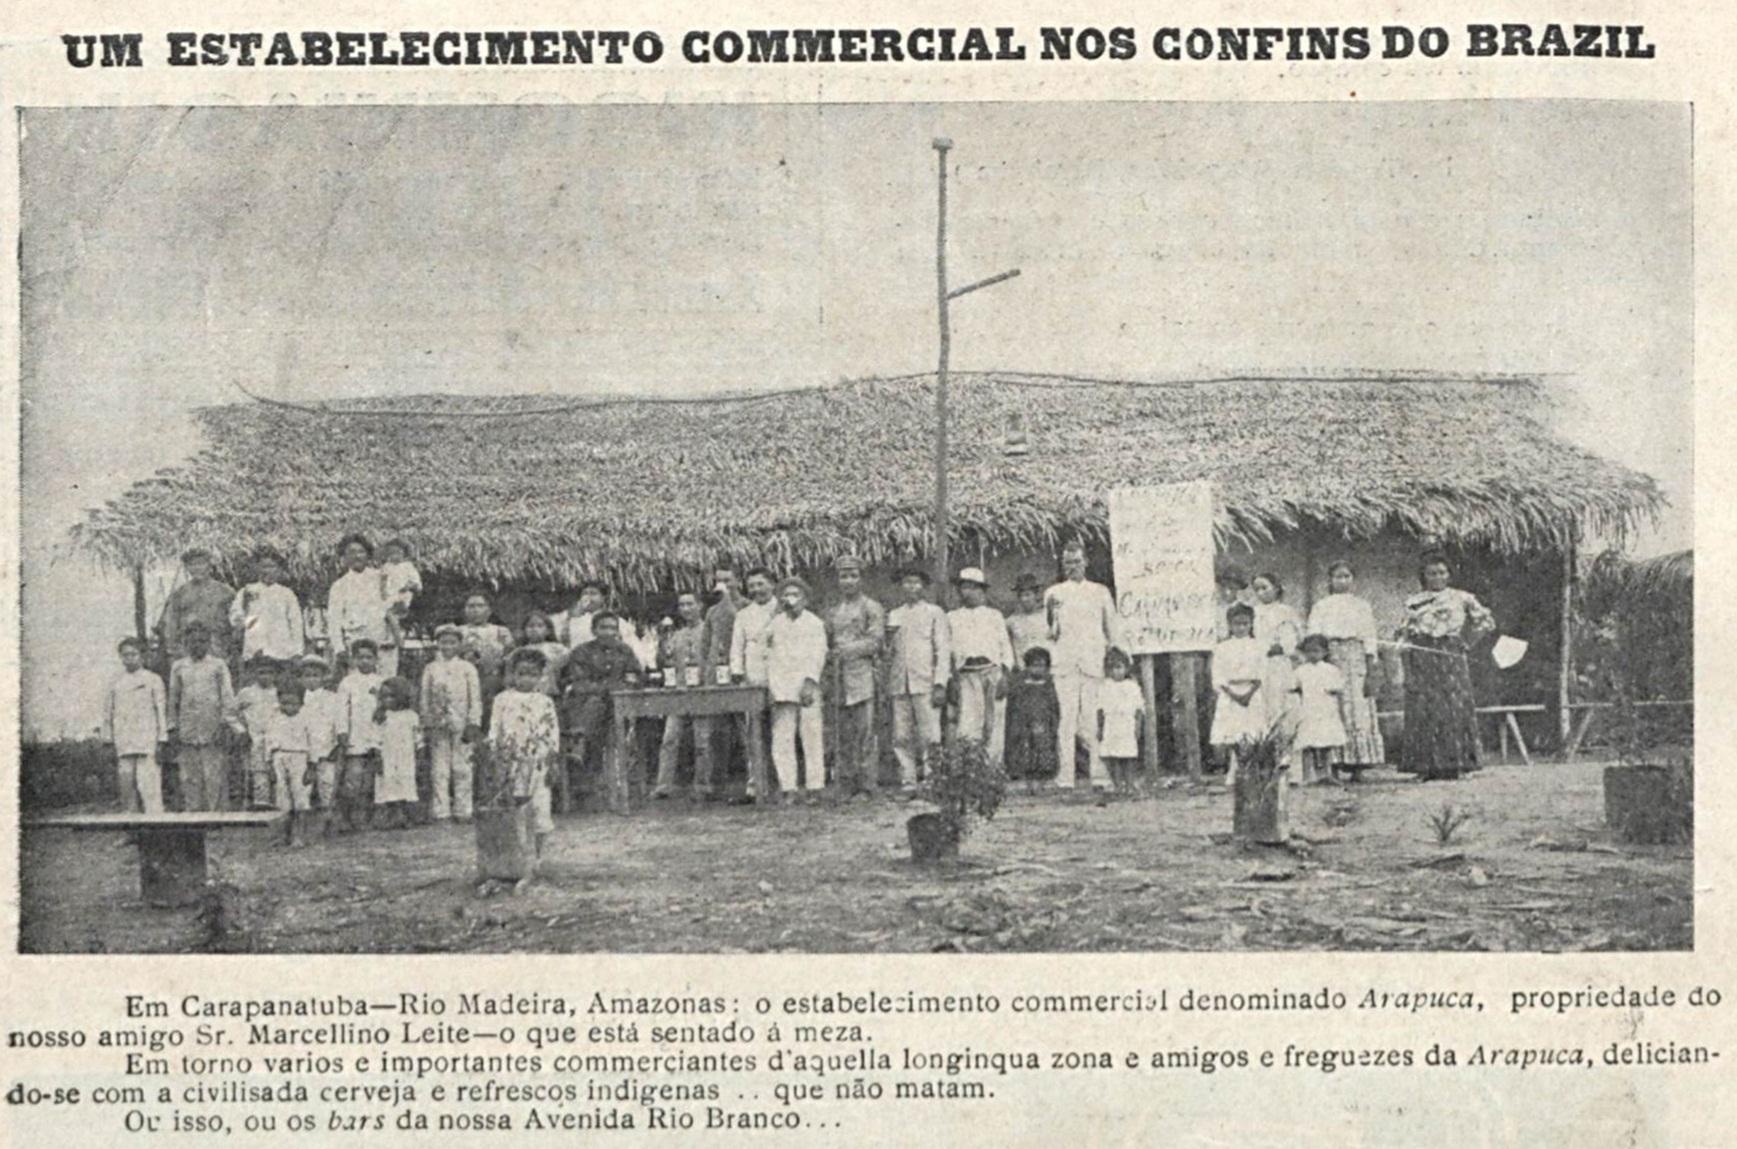 Estabelecimento comercial Arapuca